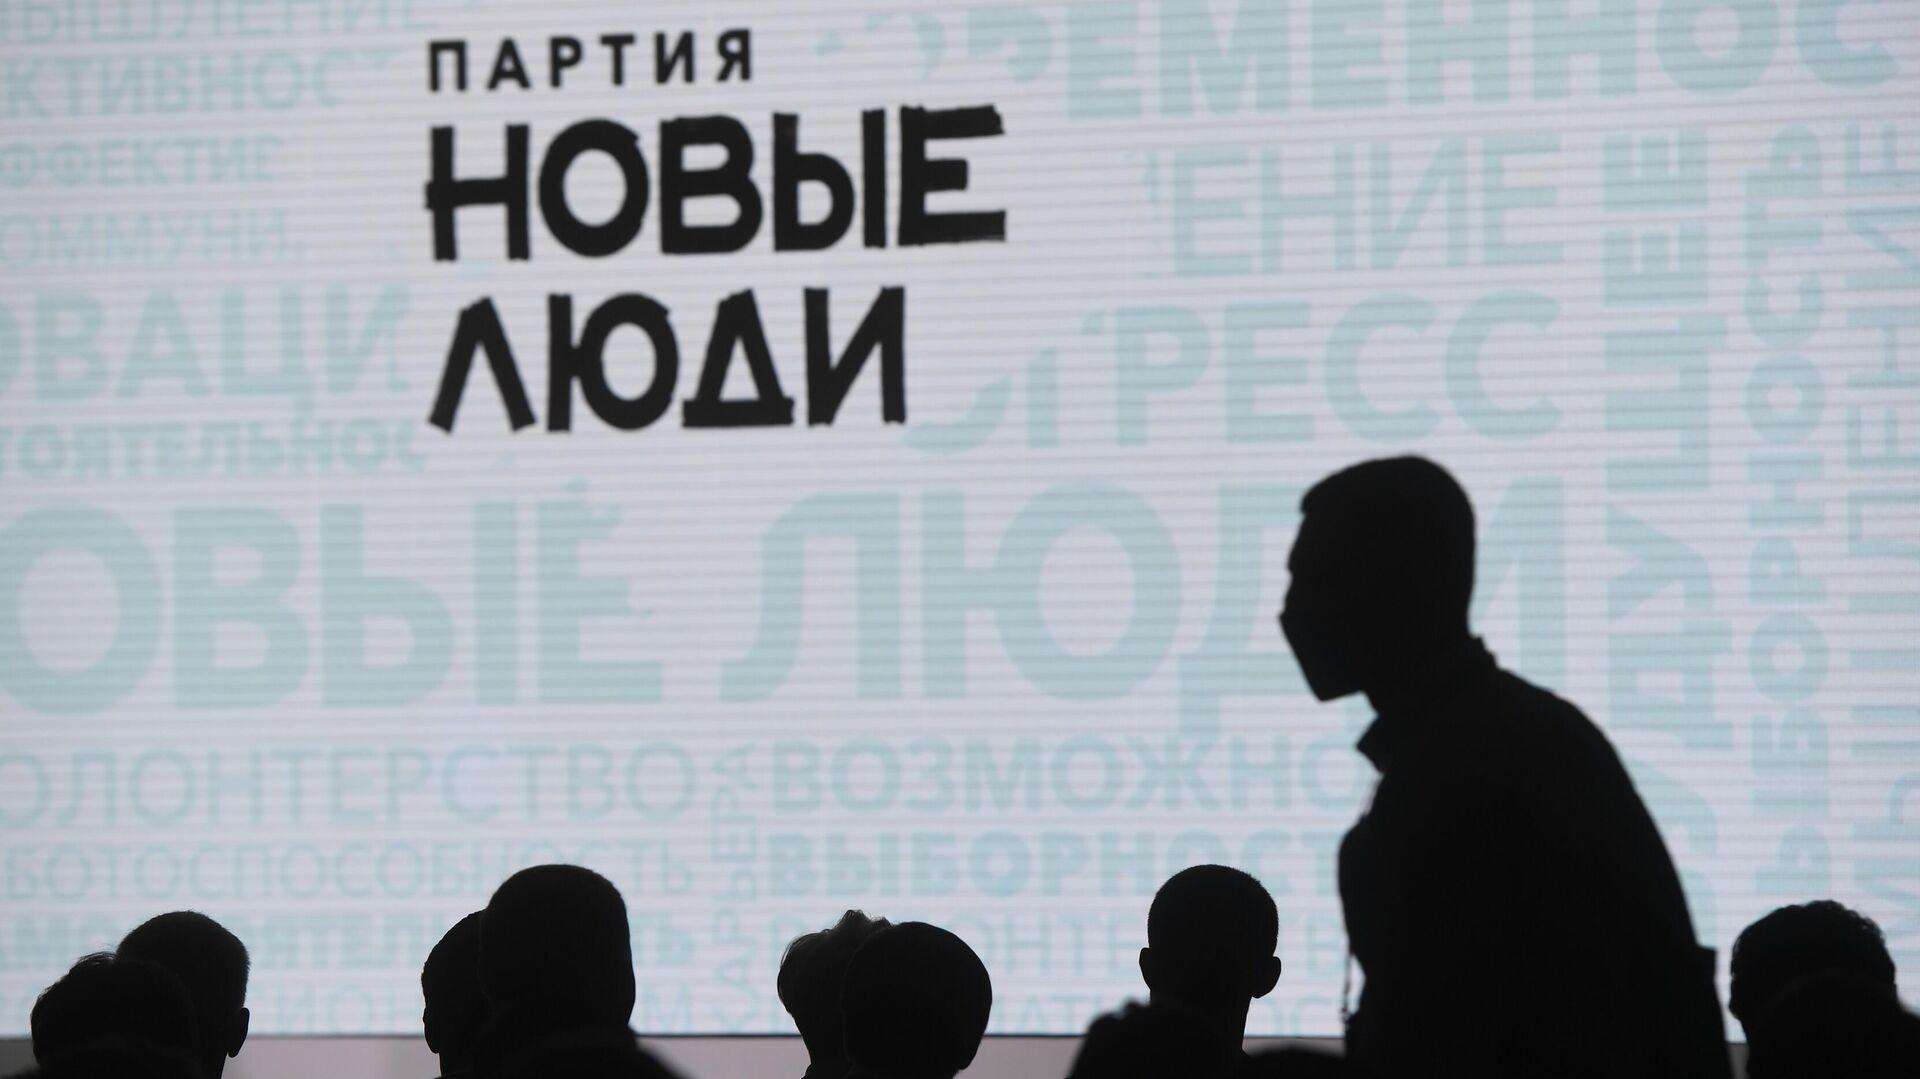 """""""Новые люди"""" представили в ЦИК документы для регистрации списка партии"""